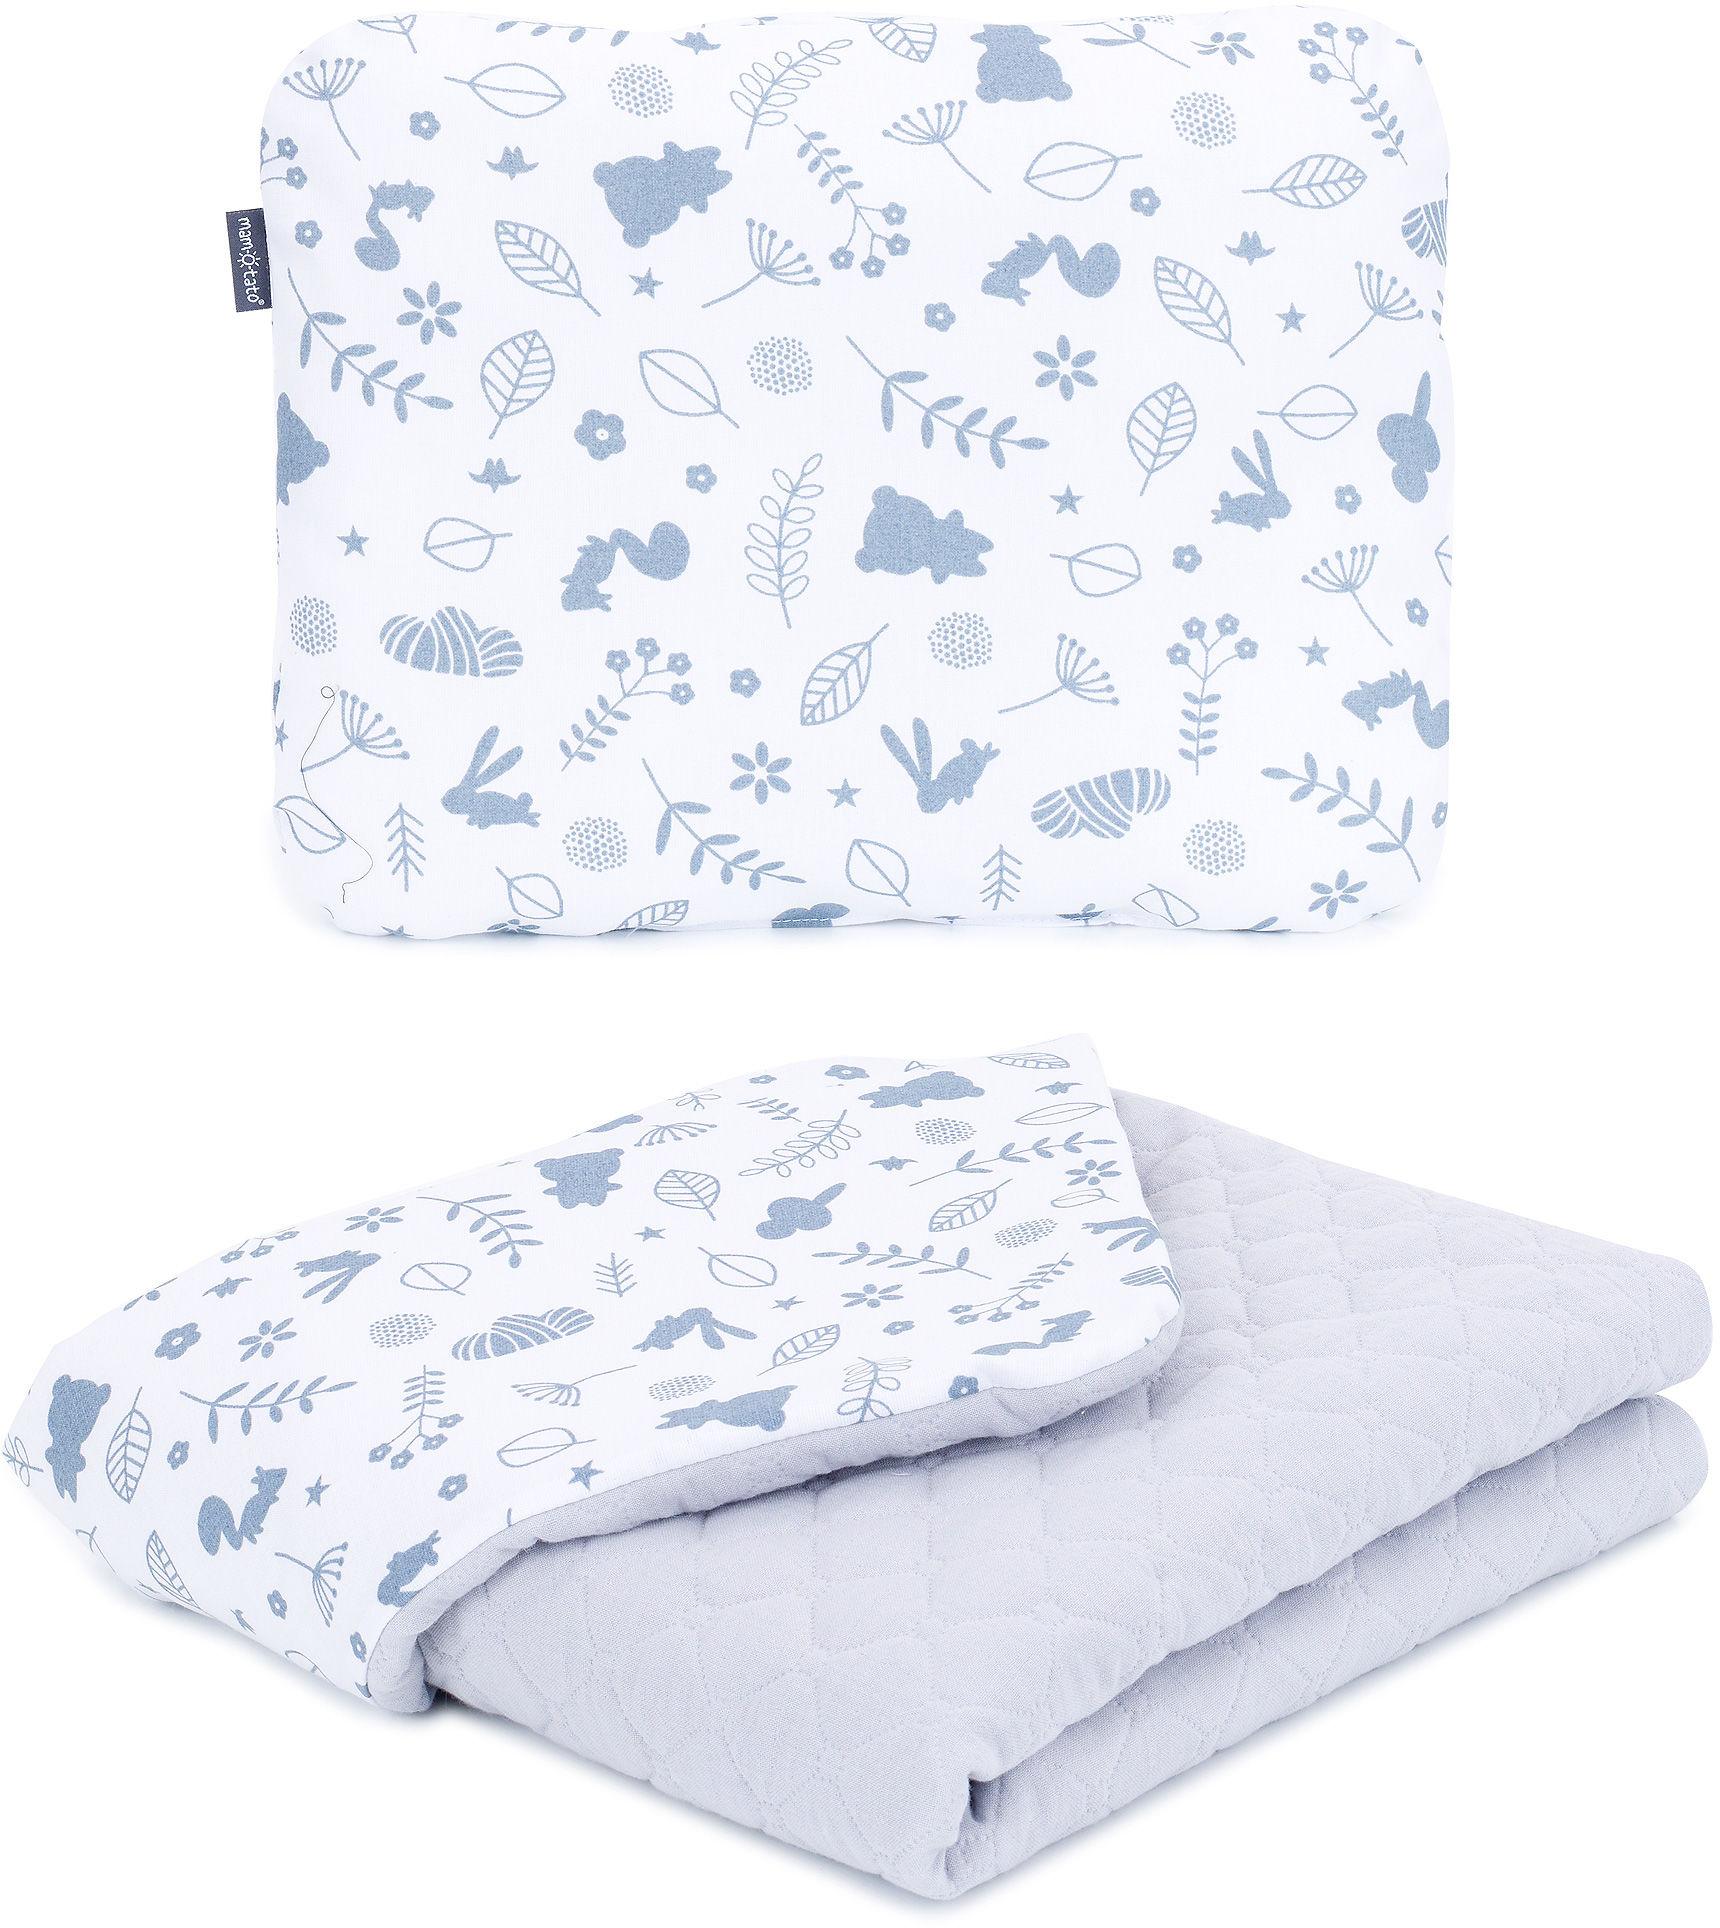 MAMO-TATO KOMPLET Kocyk dla dzieci i niemowląt 75x100 - MUŚLIN PIK + poduszka - Las / popiel - ocieplony